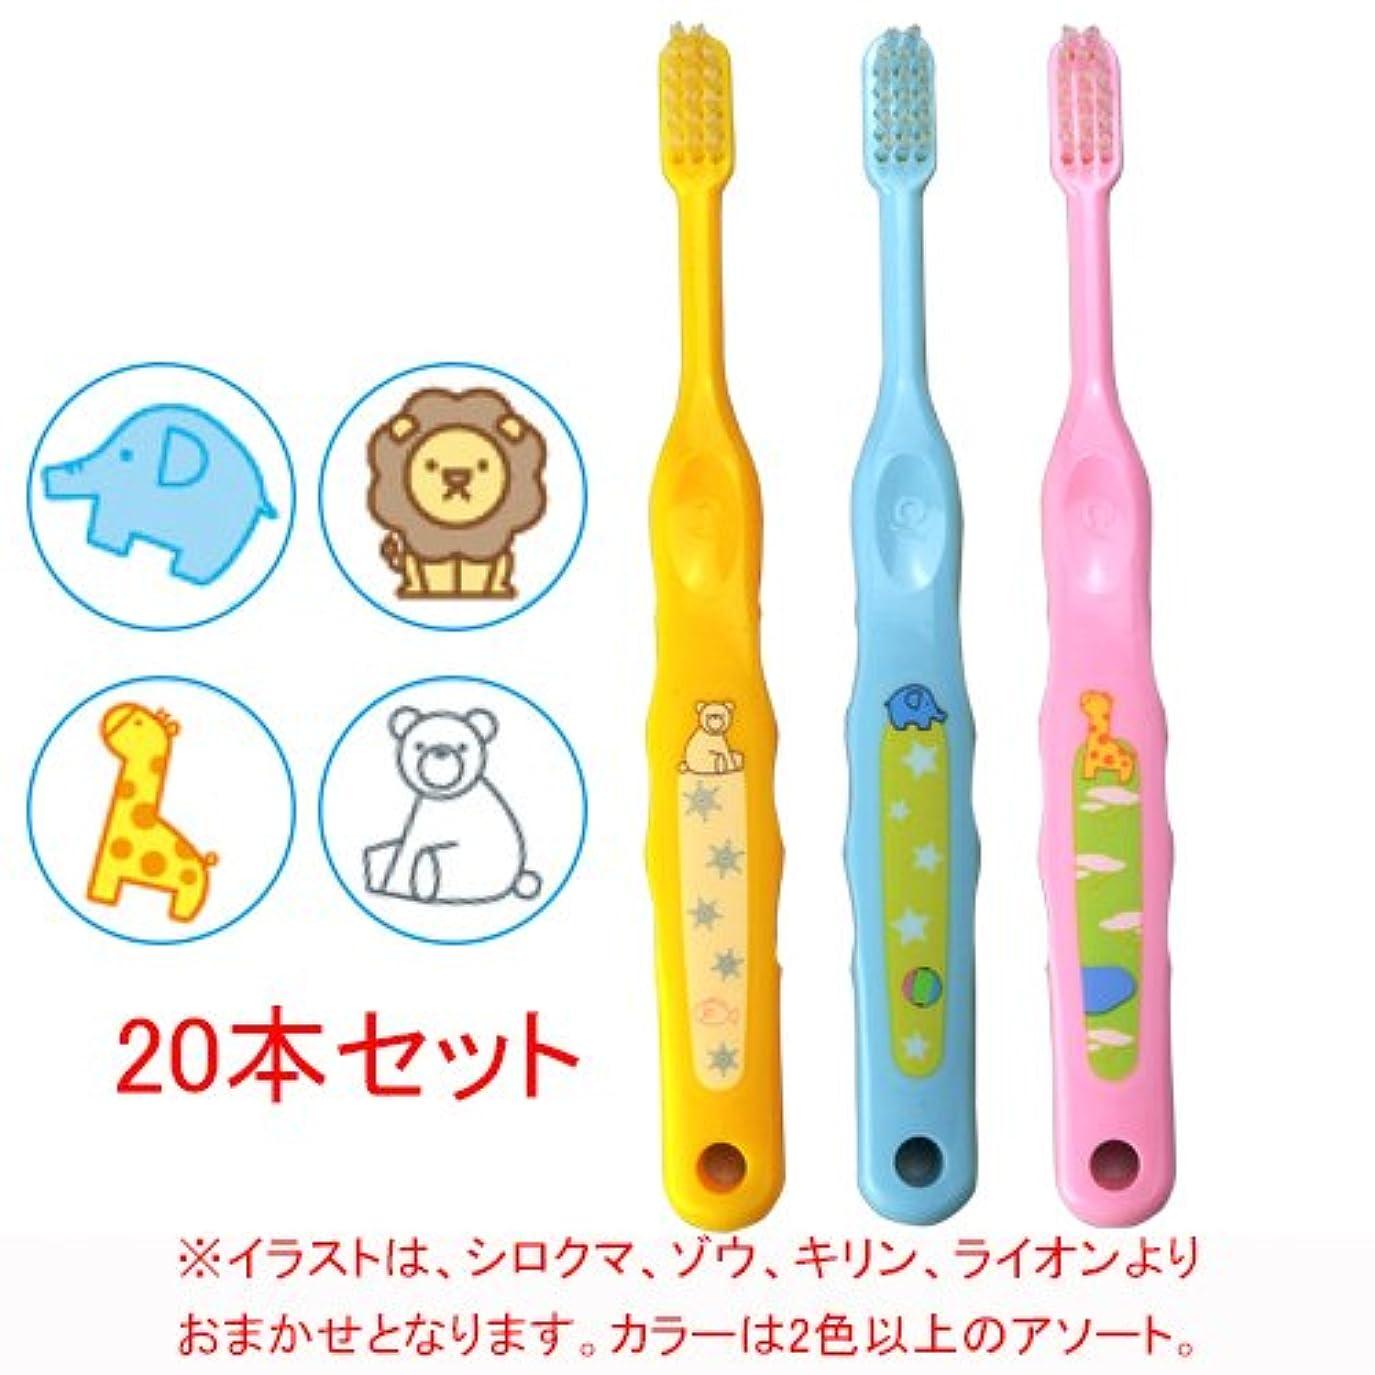 新着シダラジエーターCiメディカル Ci なまえ歯ブラシ 503 (やわらかめ) (乳児~小学生向)×20本